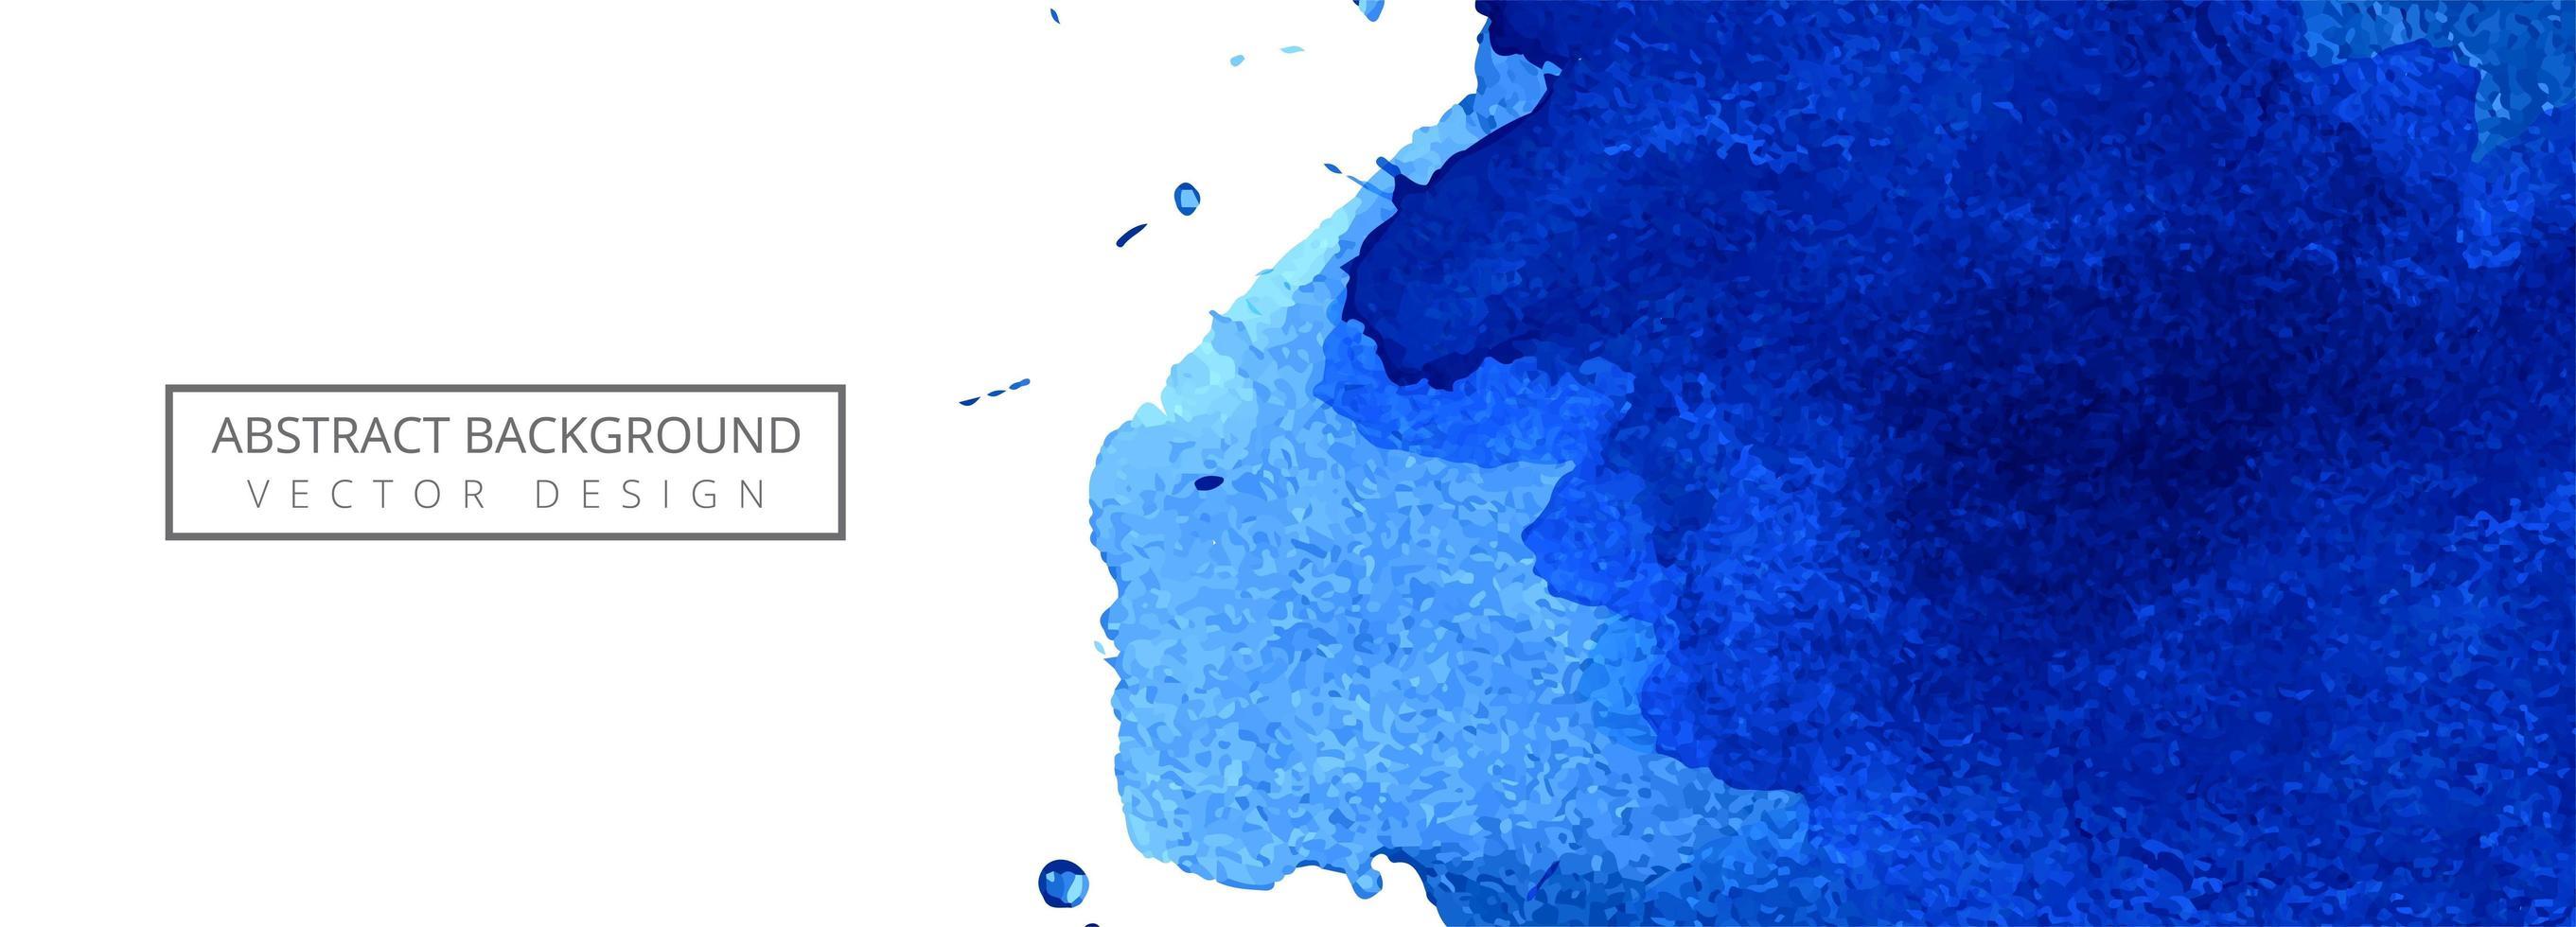 abstrakter blauer Aquarell-Spritzfahnenhintergrund vektor